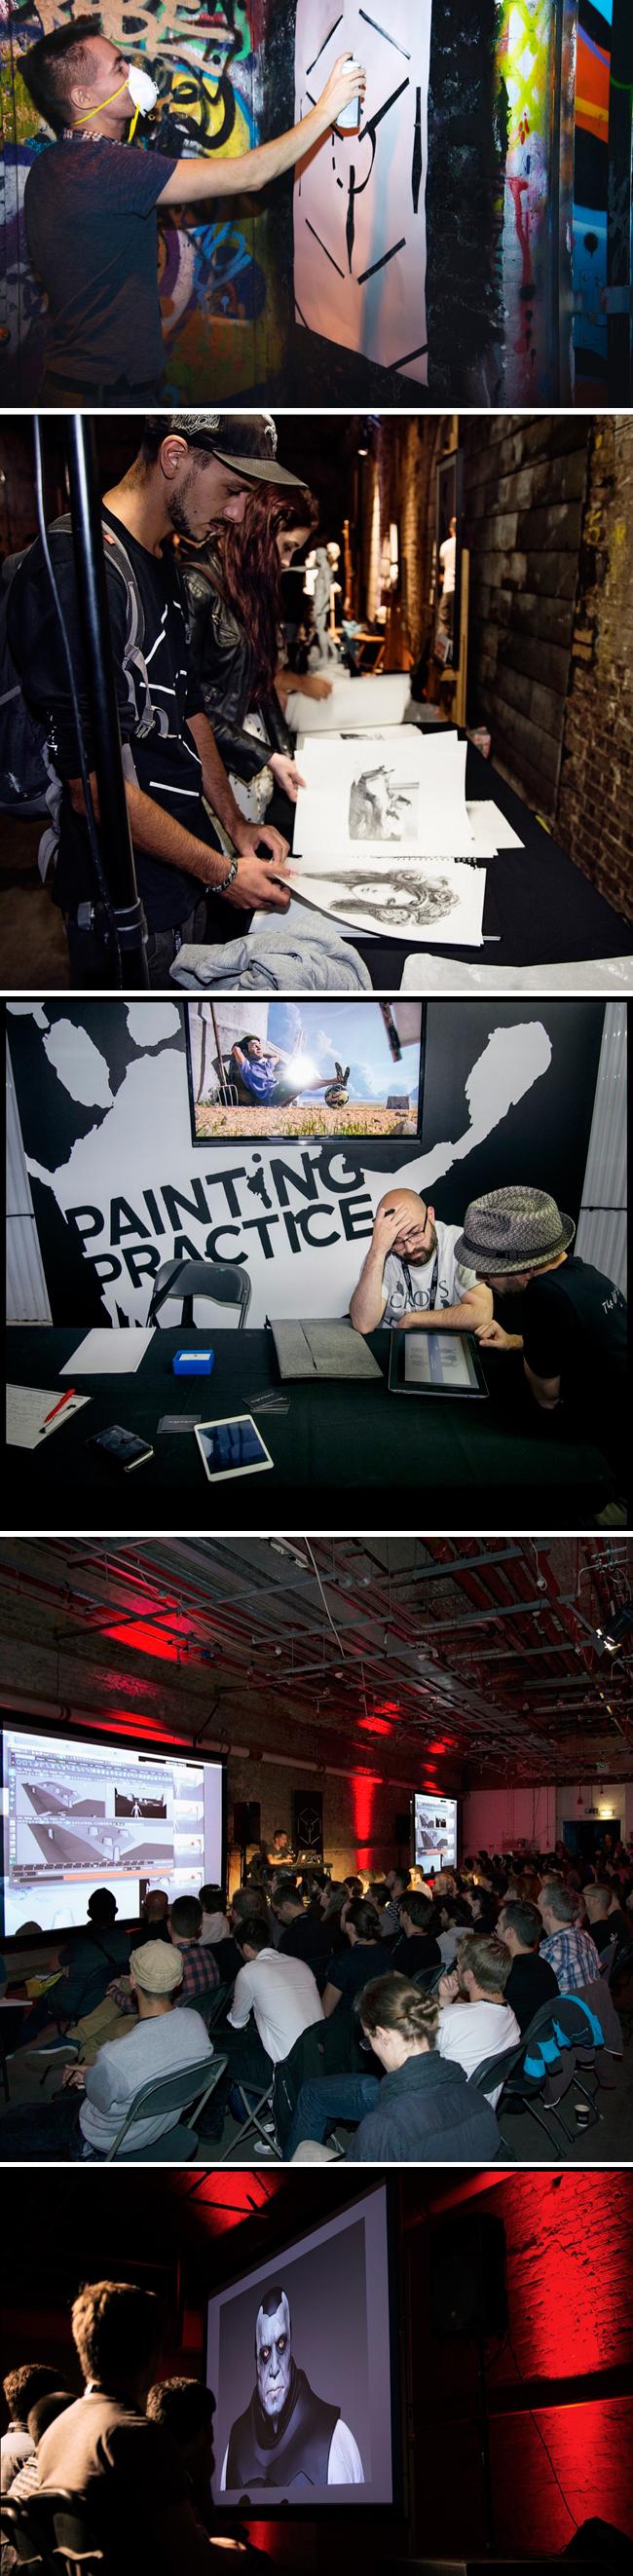 curso-arte-digital-eventos-modelado-organico-festivales-londres